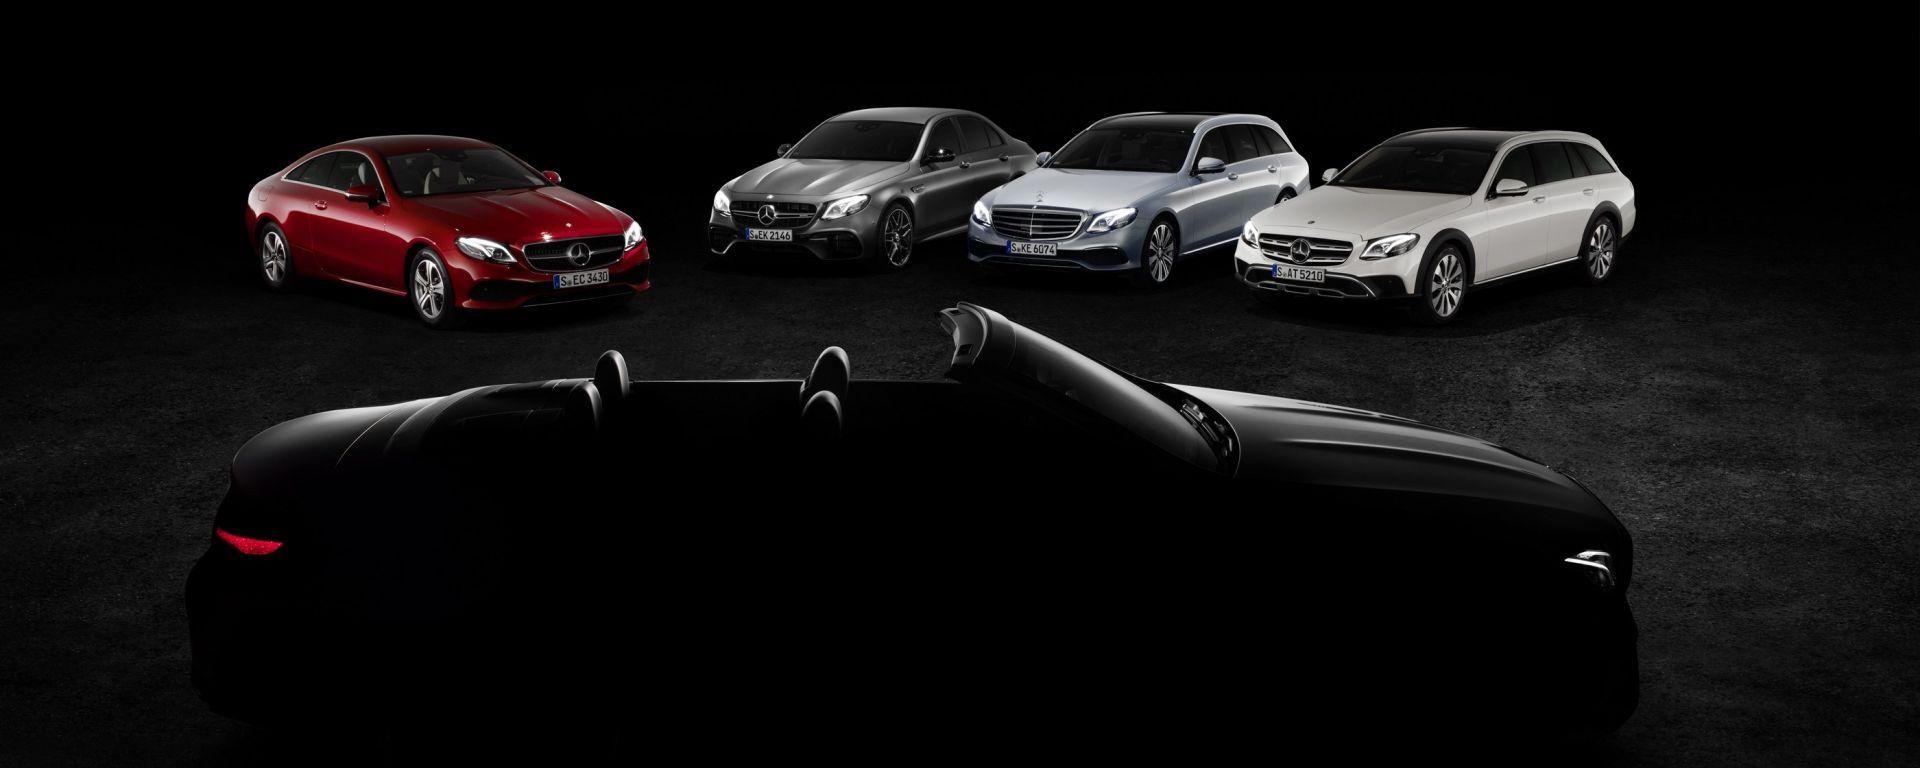 Mercedes Classe E Cabrio: l'immagine teaser che anticipa il debutto al Salone di Ginevra 2017